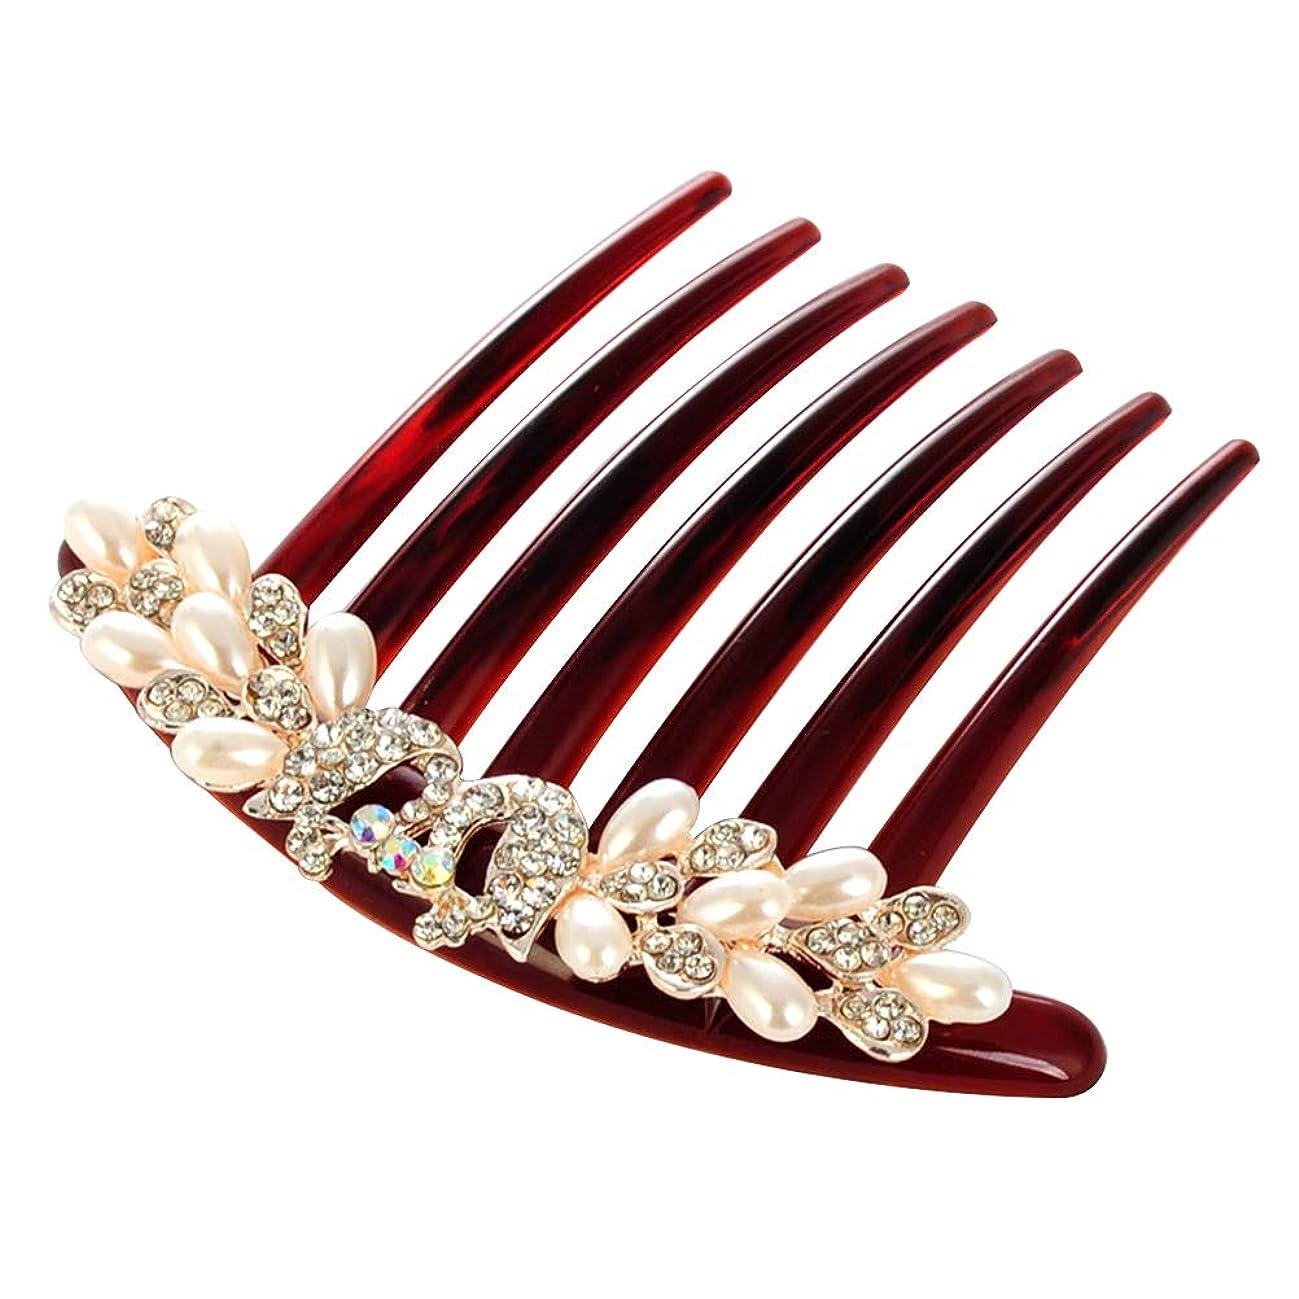 結婚する肺炎劇作家LURROSE 模造真珠の髪の櫛のクリスタルヘッドドレス繊細なラインストーンの花嫁の髪飾り(孔雀)